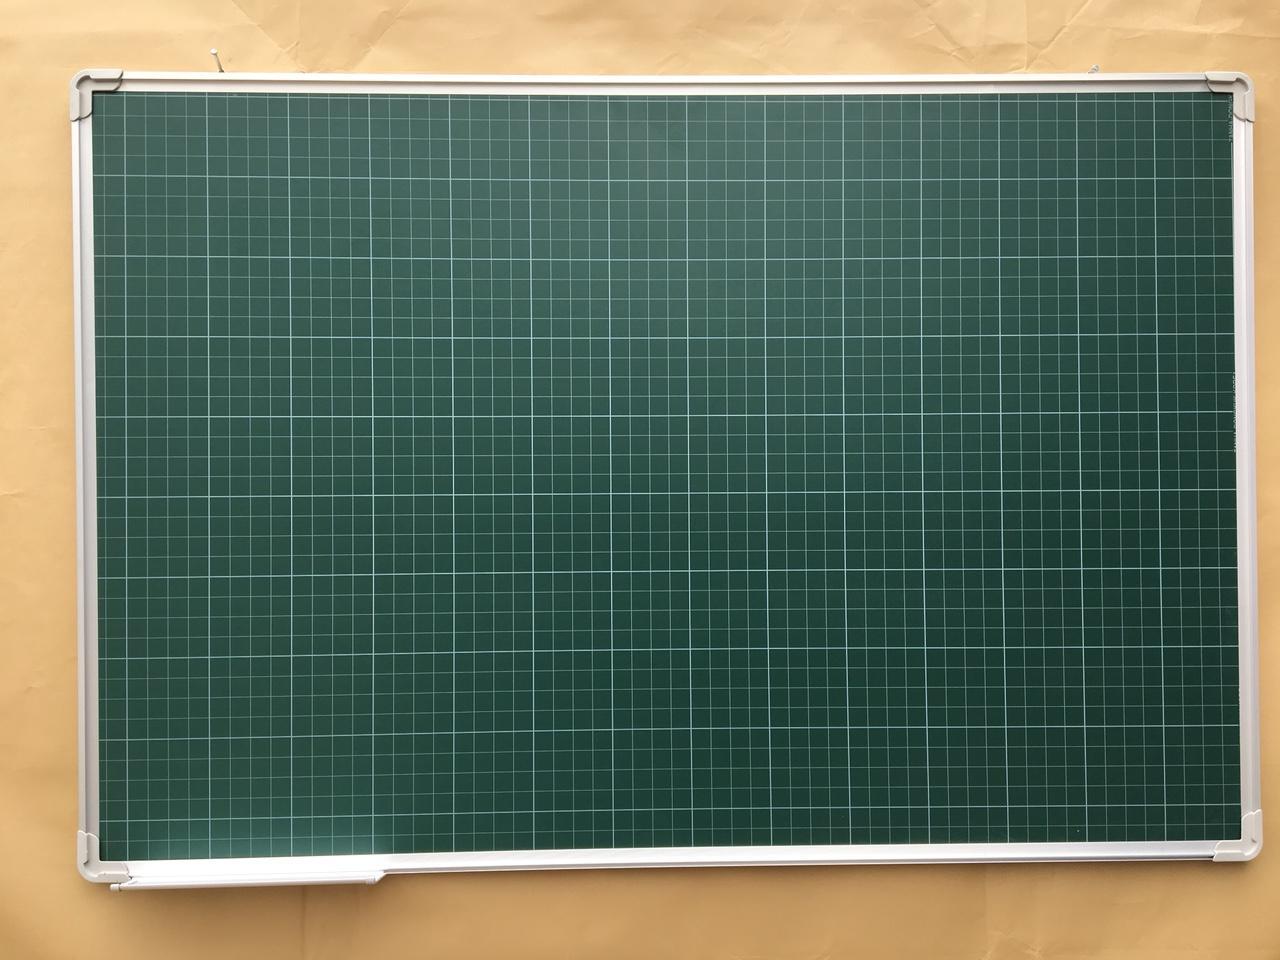 Mua Bảng từ xanh viết phấn kẻ ô ly 80x120cm - tặng bông lau, phấn và nam châm